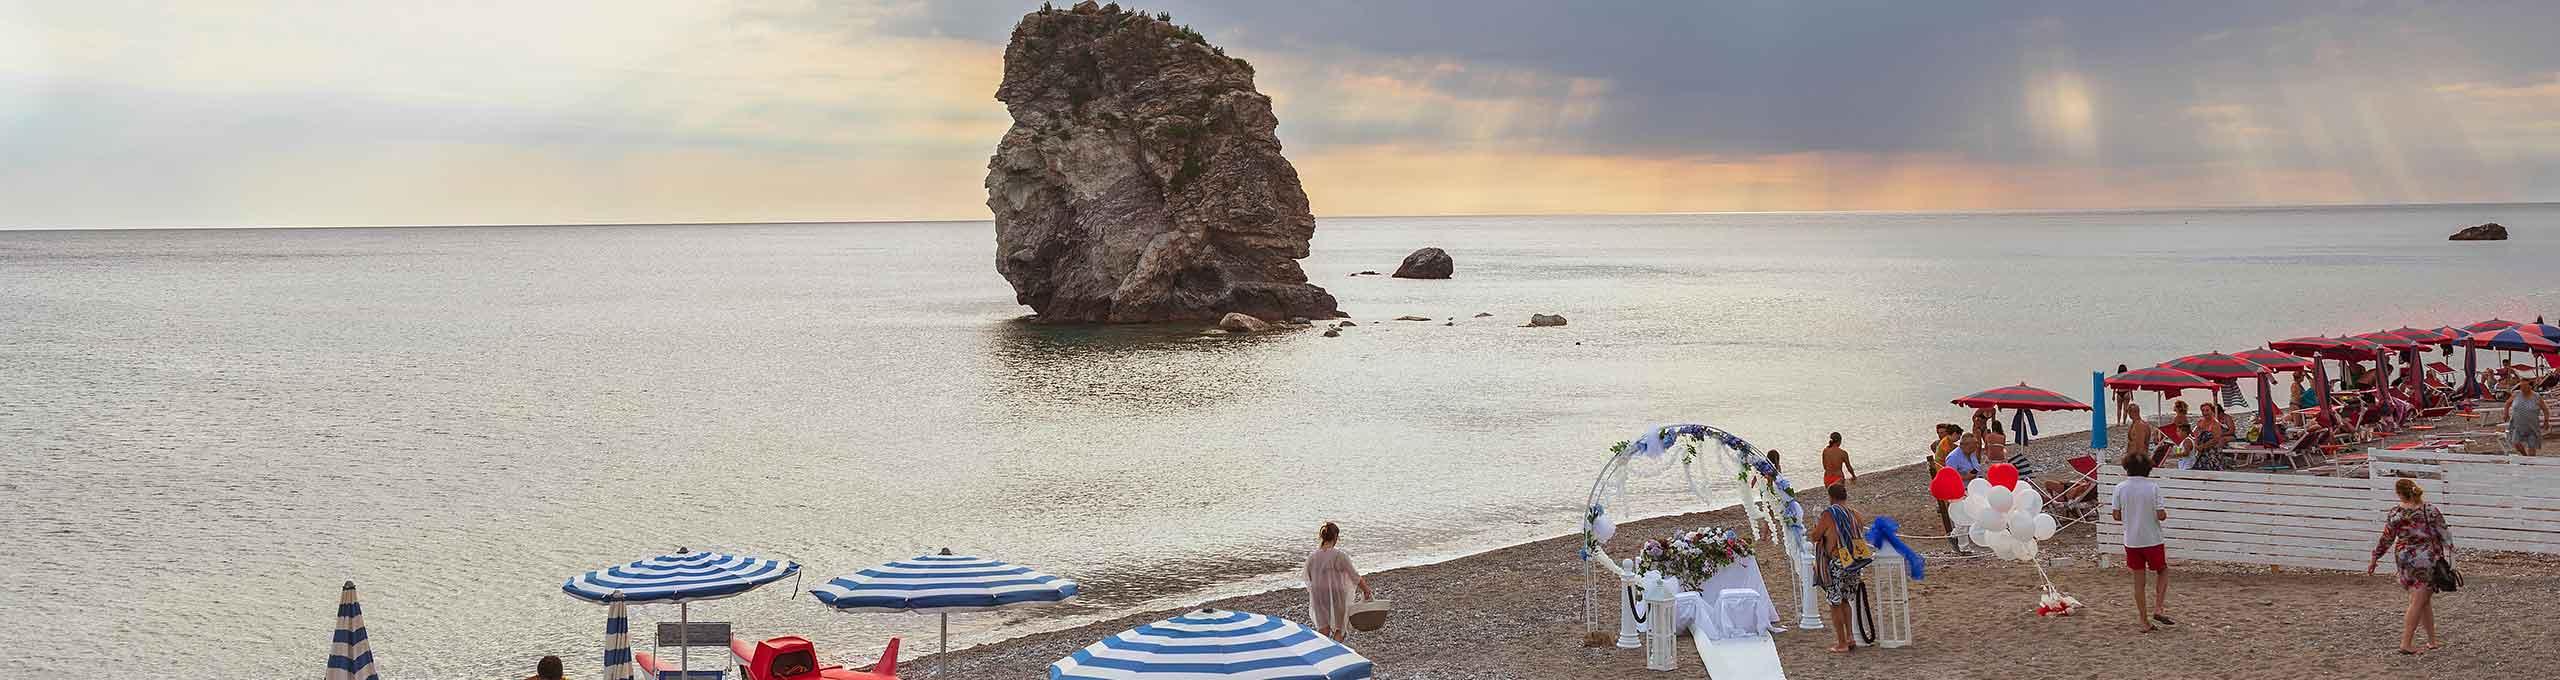 Acquappesa, Riviera dei Cedri, Calabria